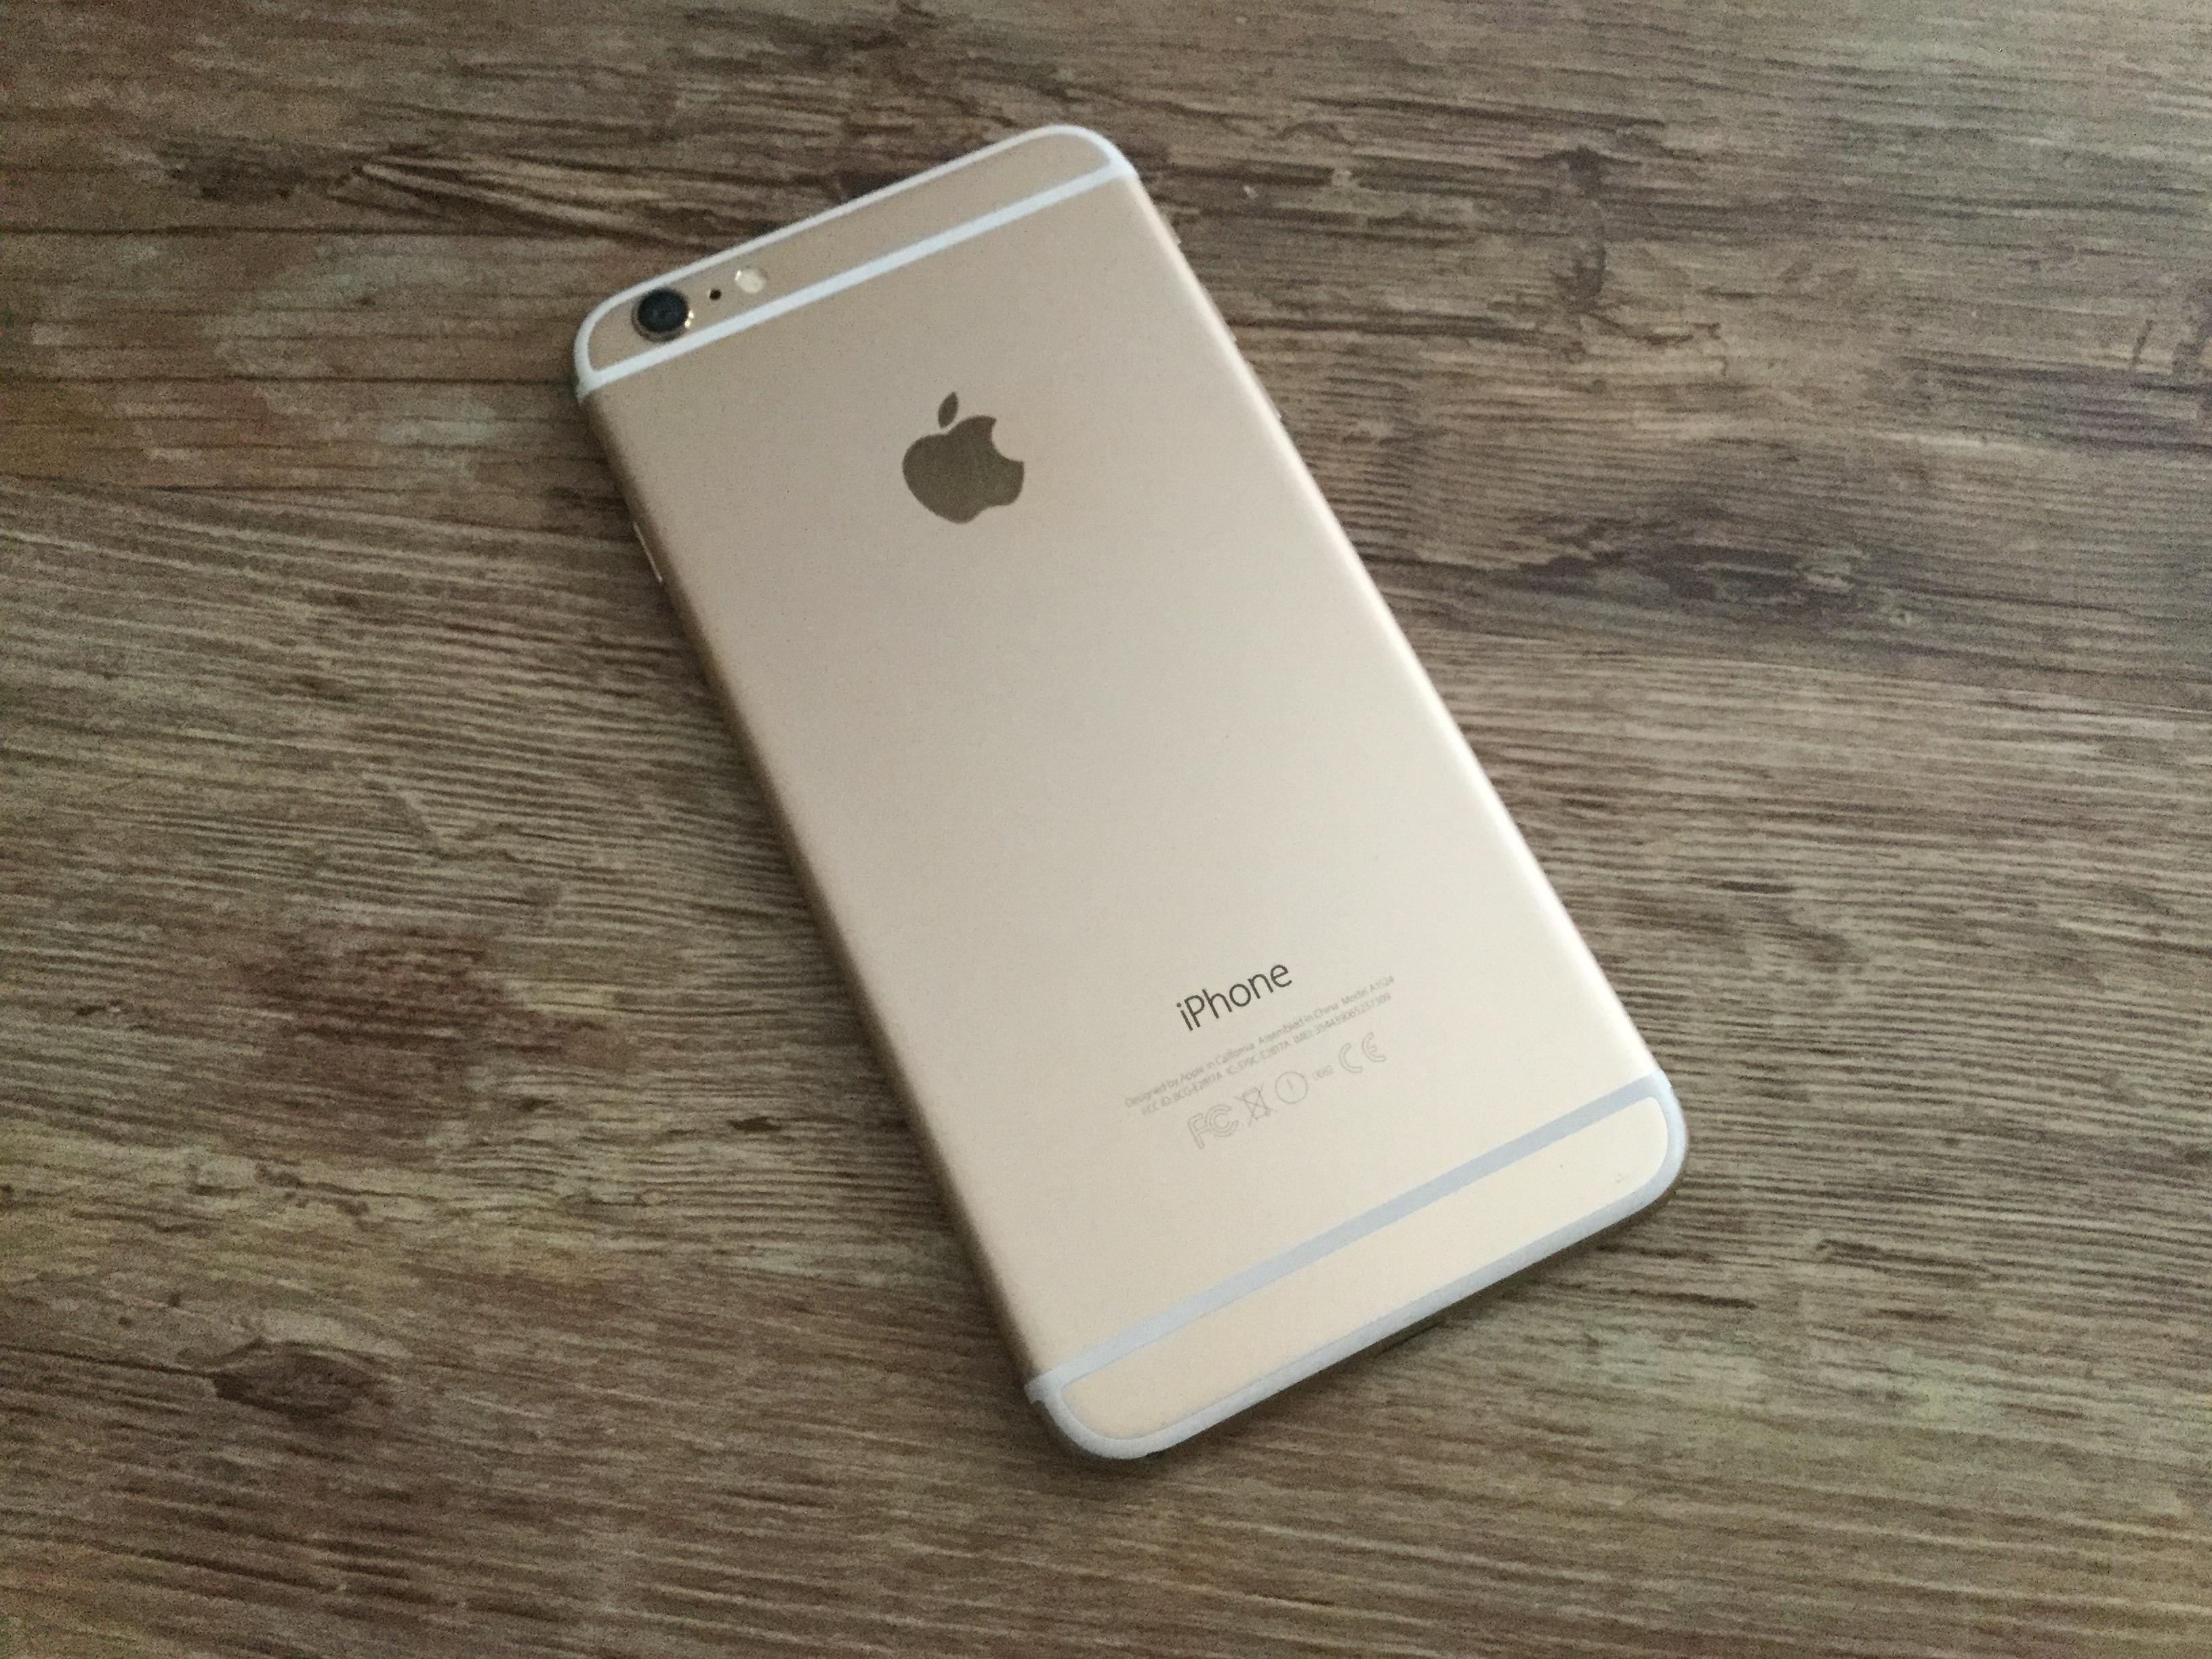 ドコモのiPhone6に格安SIMを設定して使う方法